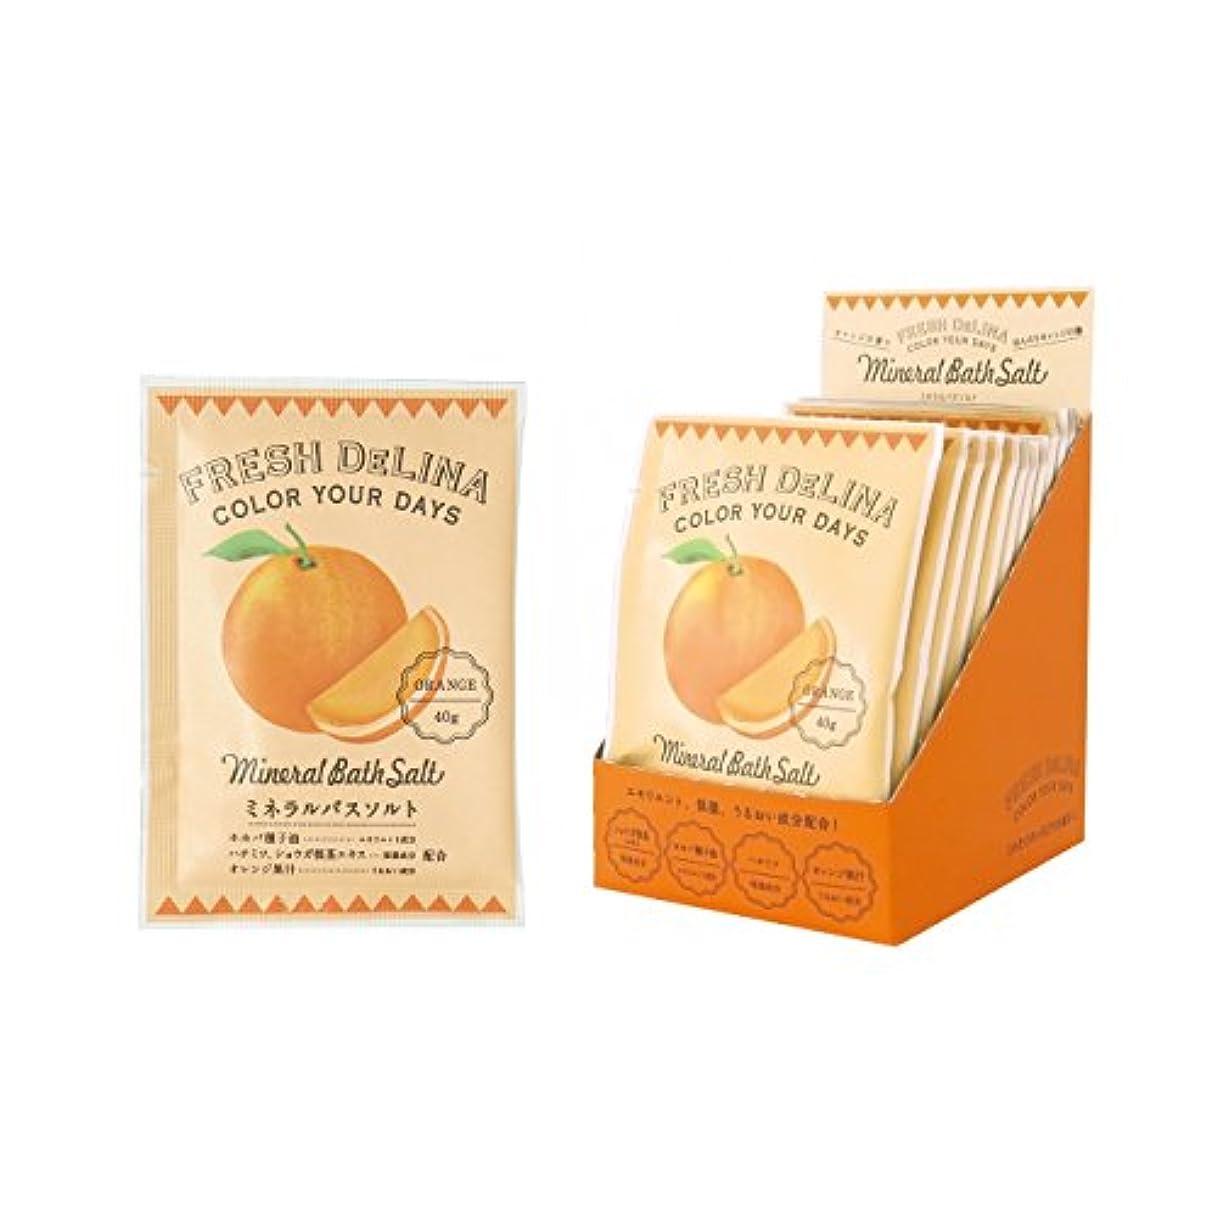 サンダー視線誰もフレッシュデリーナ ミネラルバスソルト40g(オレンジ) 12個 (海塩タイプ入浴料 日本製 フレッシュな柑橘系の香り)